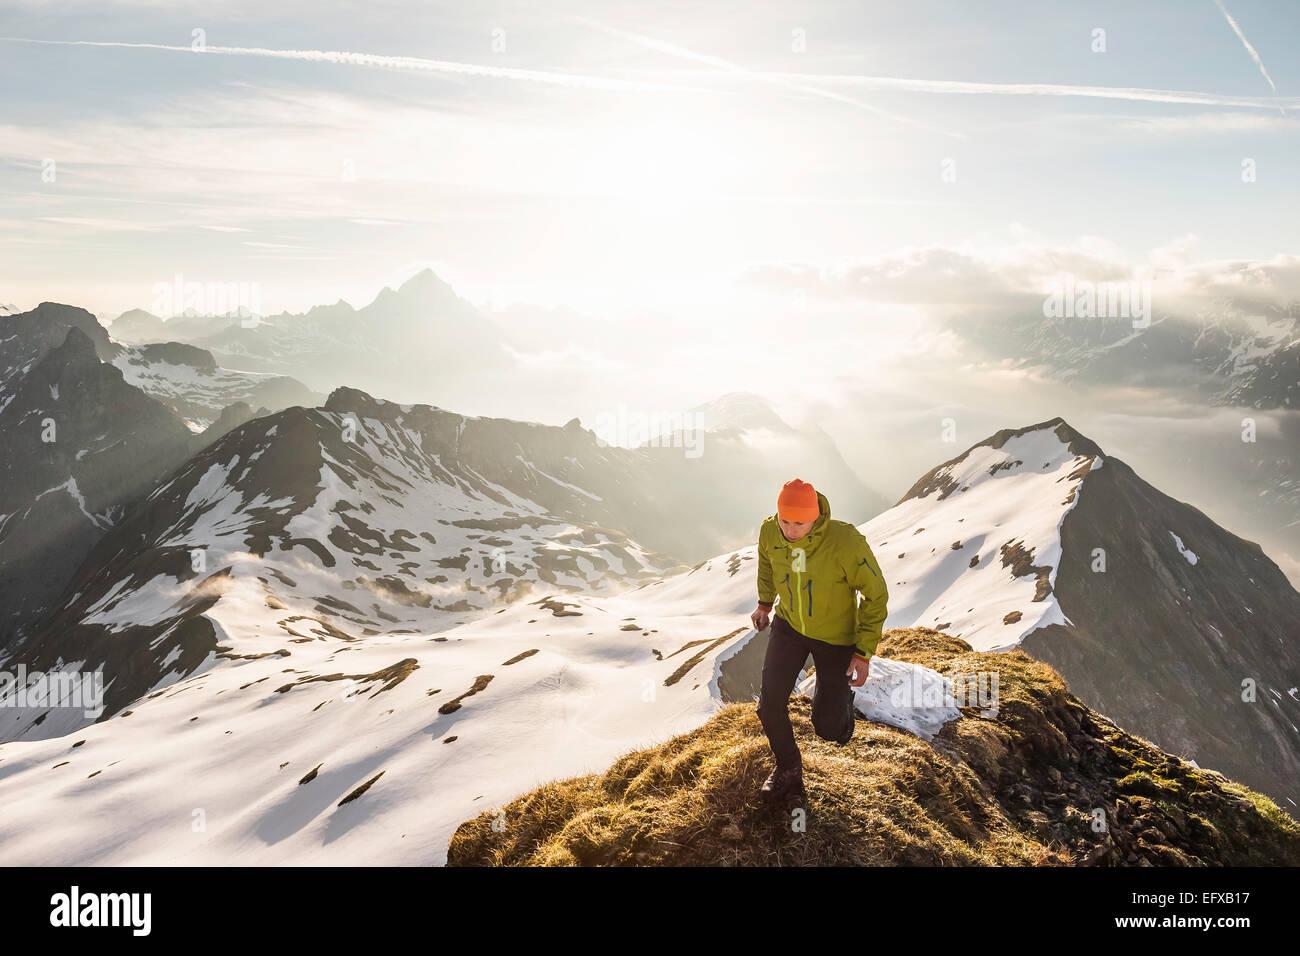 Giovane maschio trekker montagna sulla sommità del rilievo nelle Alpi Bavaresi, Oberstdorf, Baviera, Germania Immagini Stock